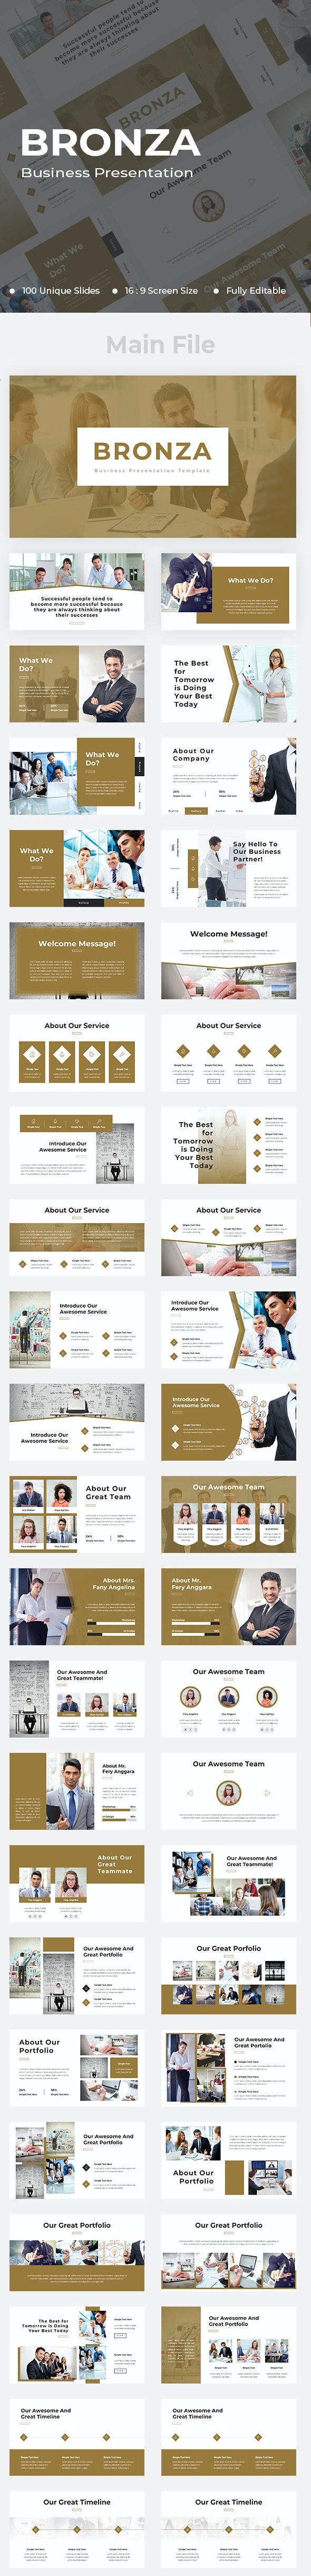 Bronza Business Google Slides - Google Slides Presentation Templates